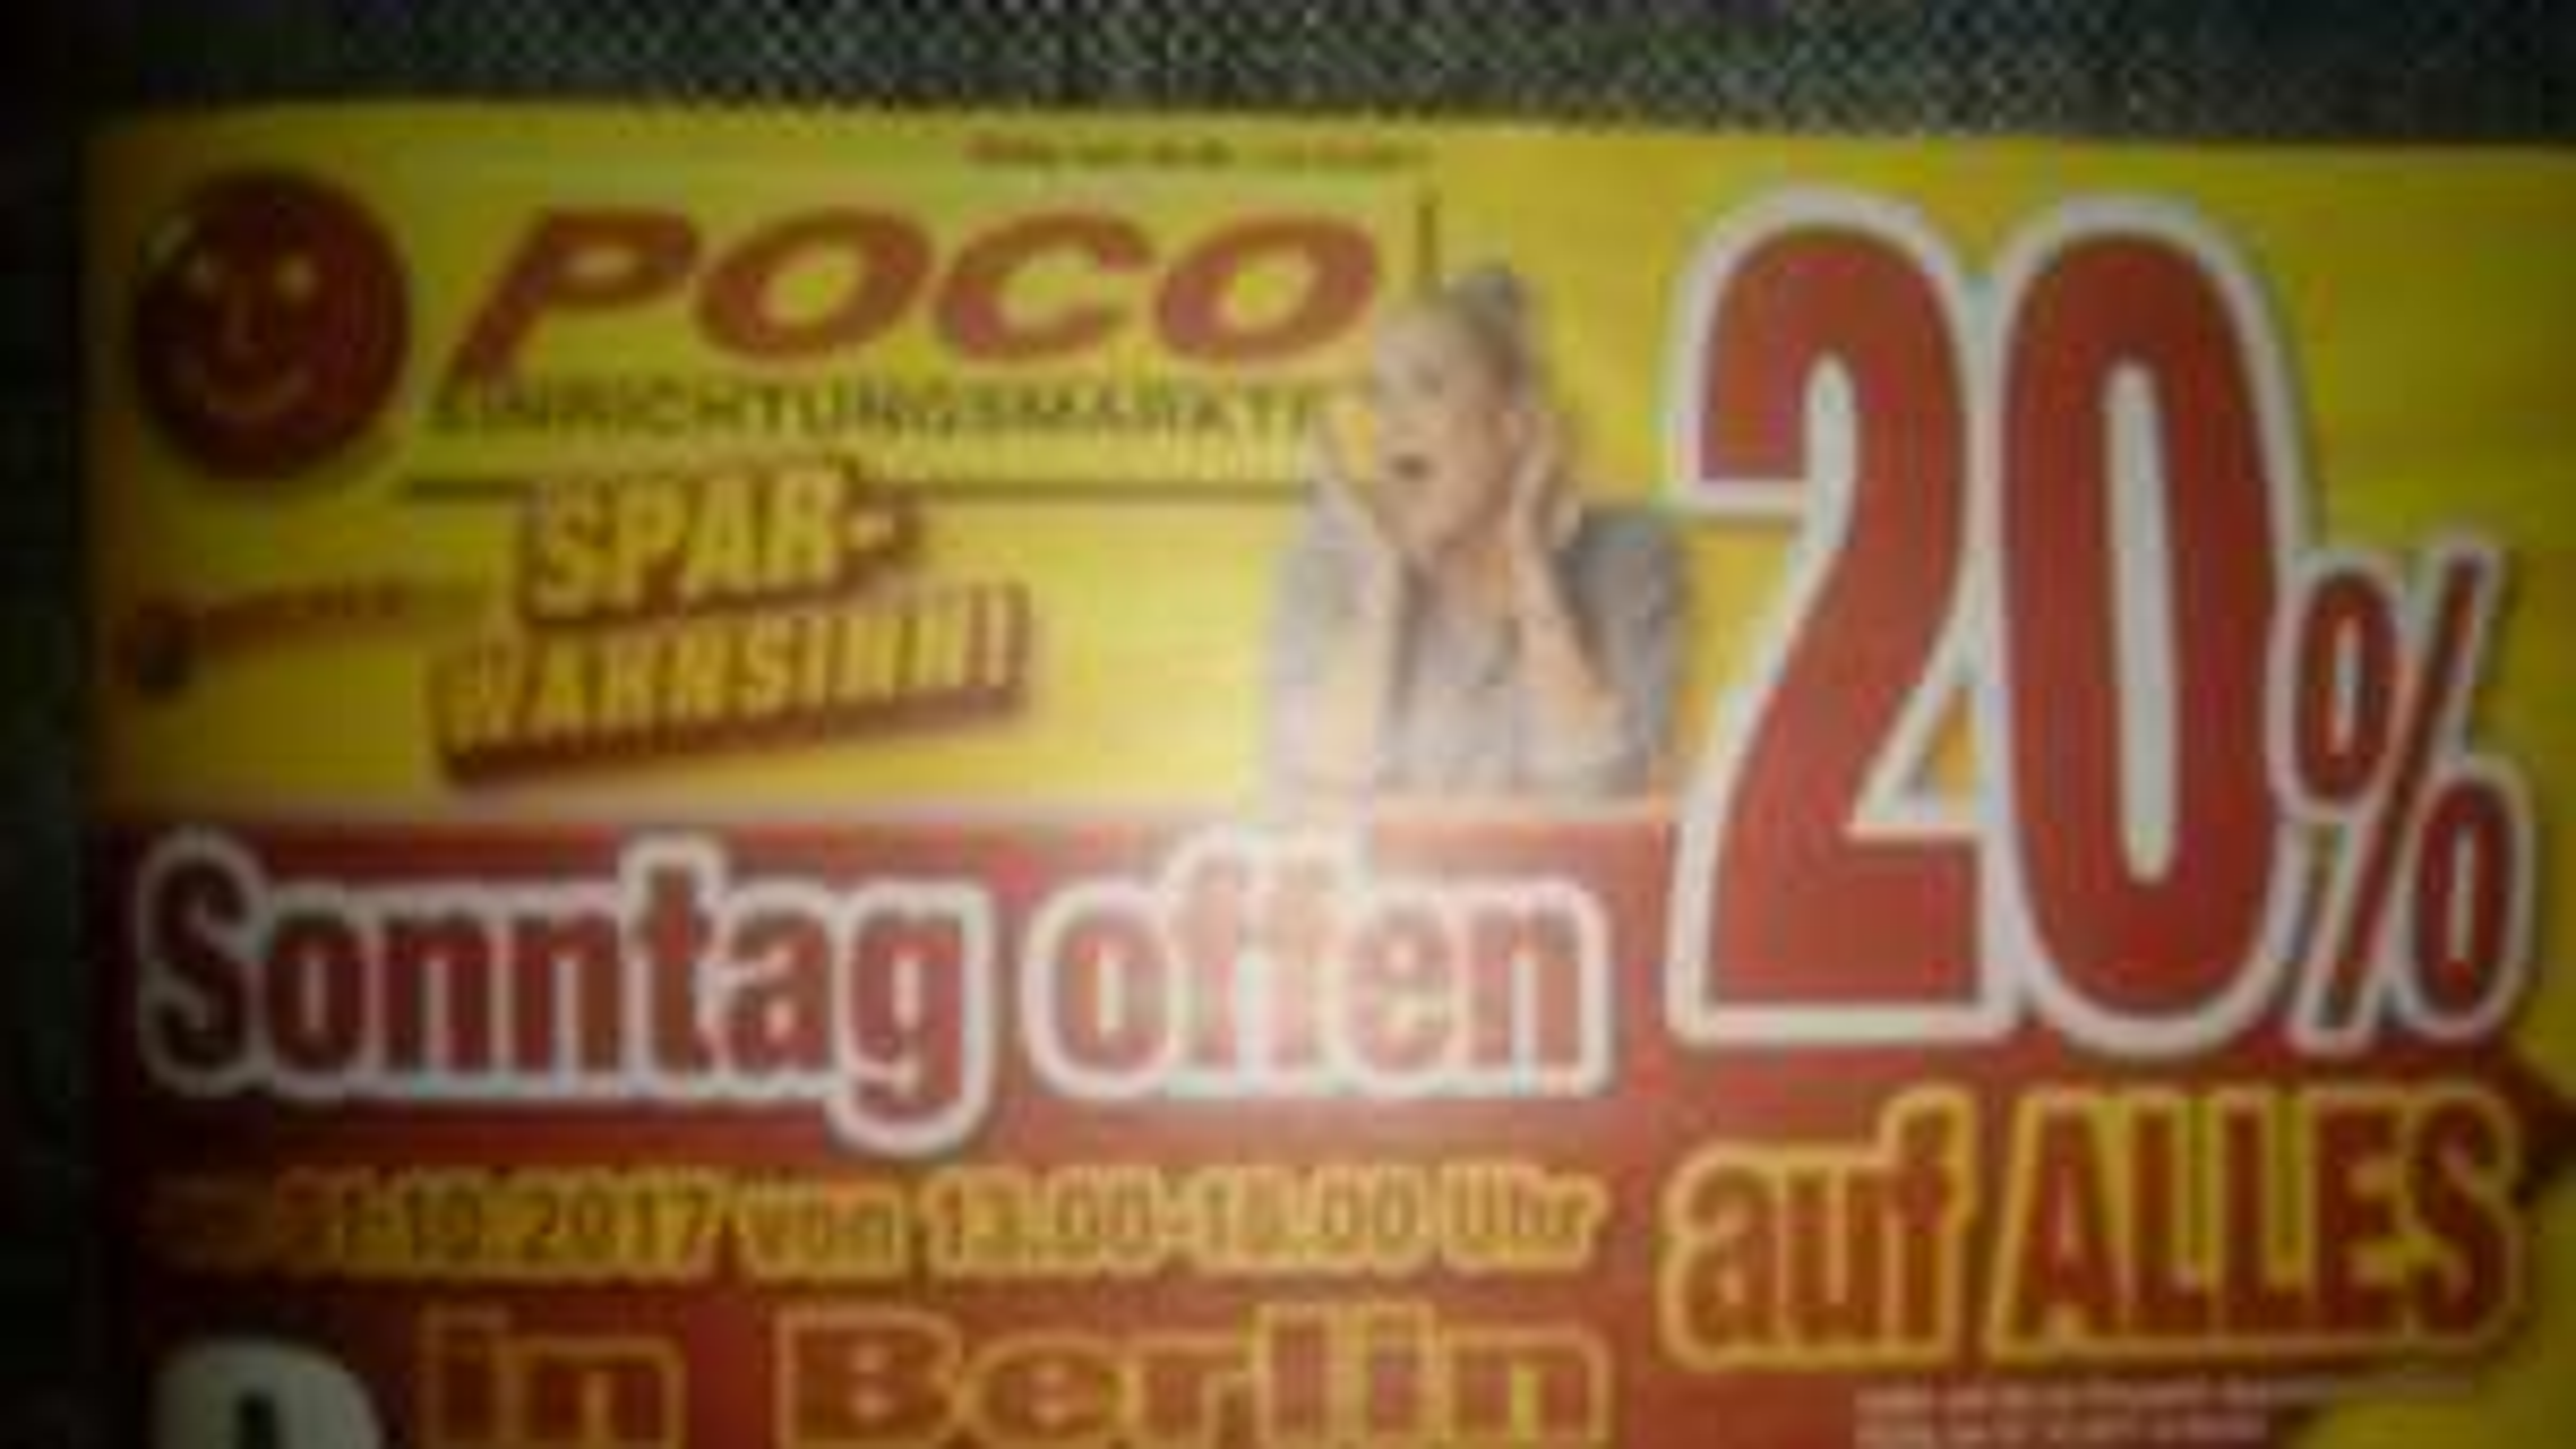 20% bei Poco in Berlin heute am Sonntag